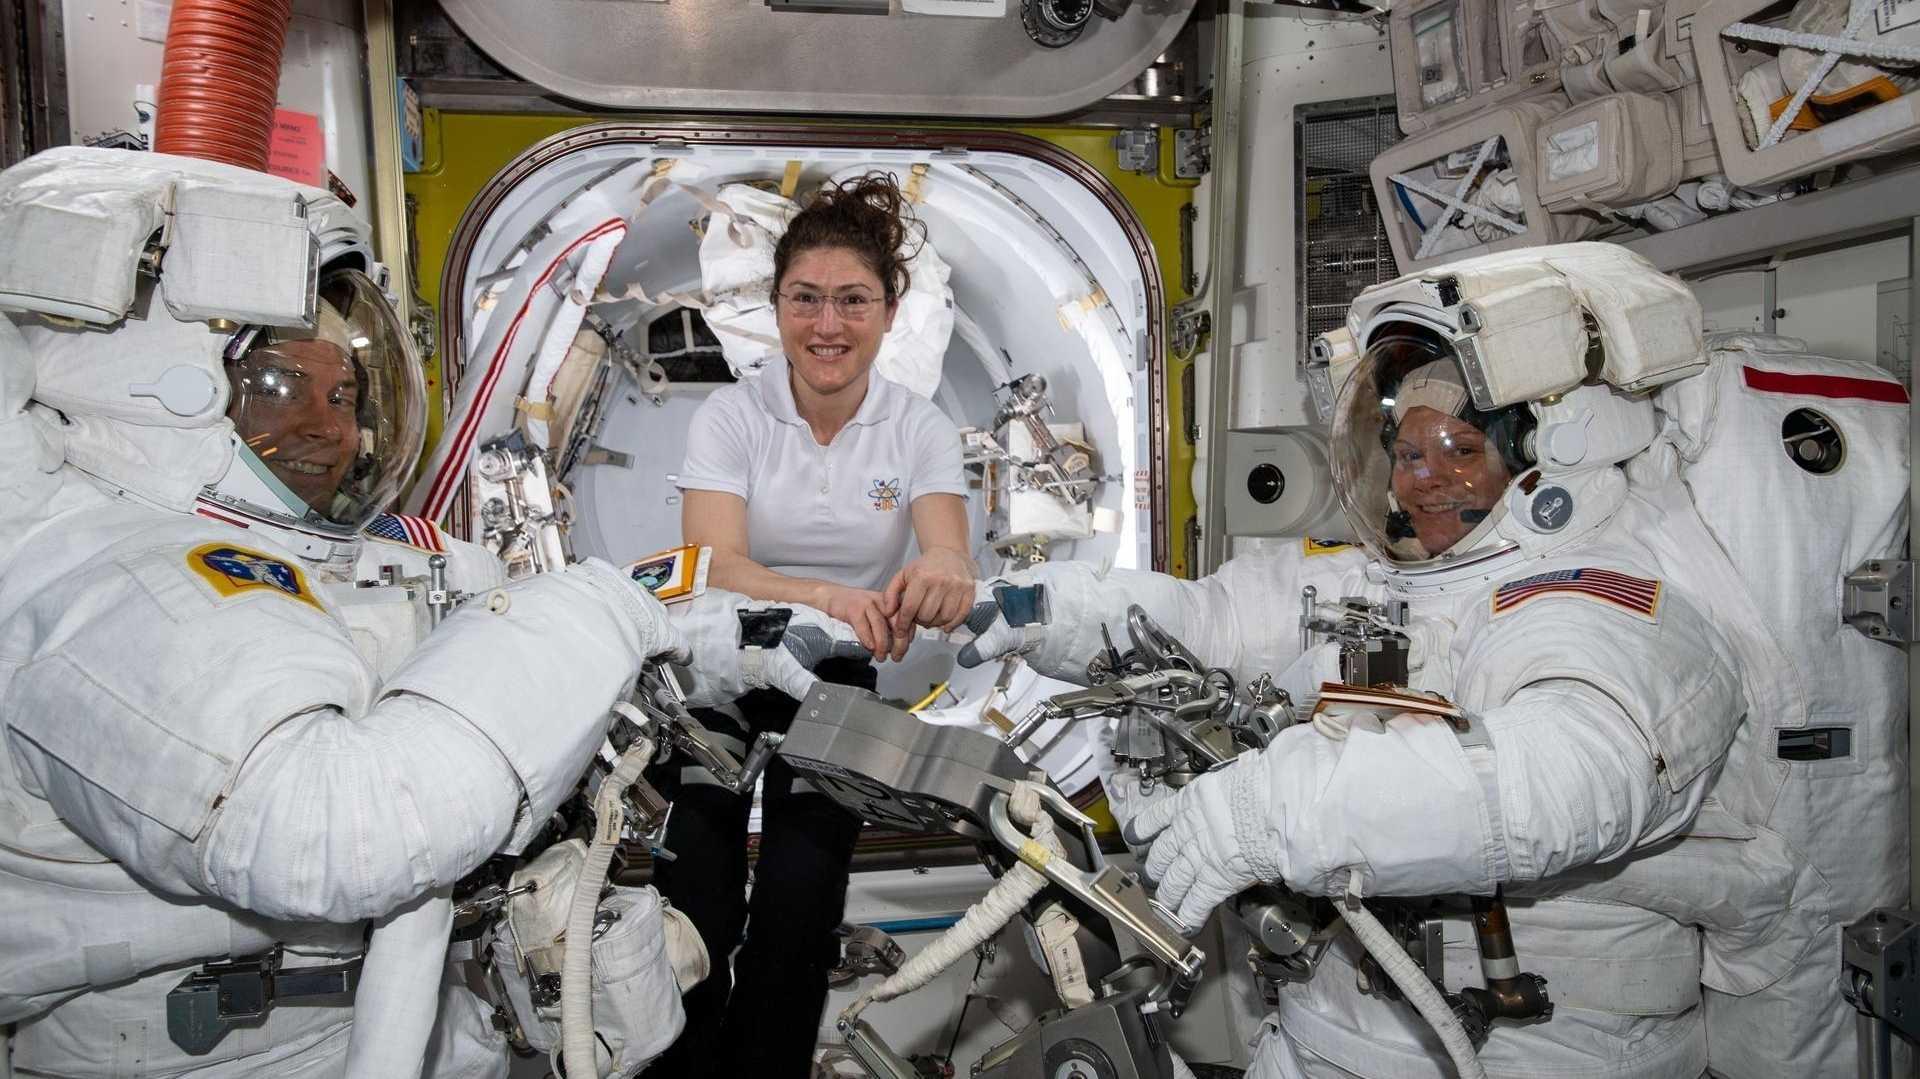 Raumanzug-Problem: Erster ISS-Außeneinsatz nur mit Frauen abgeblasen